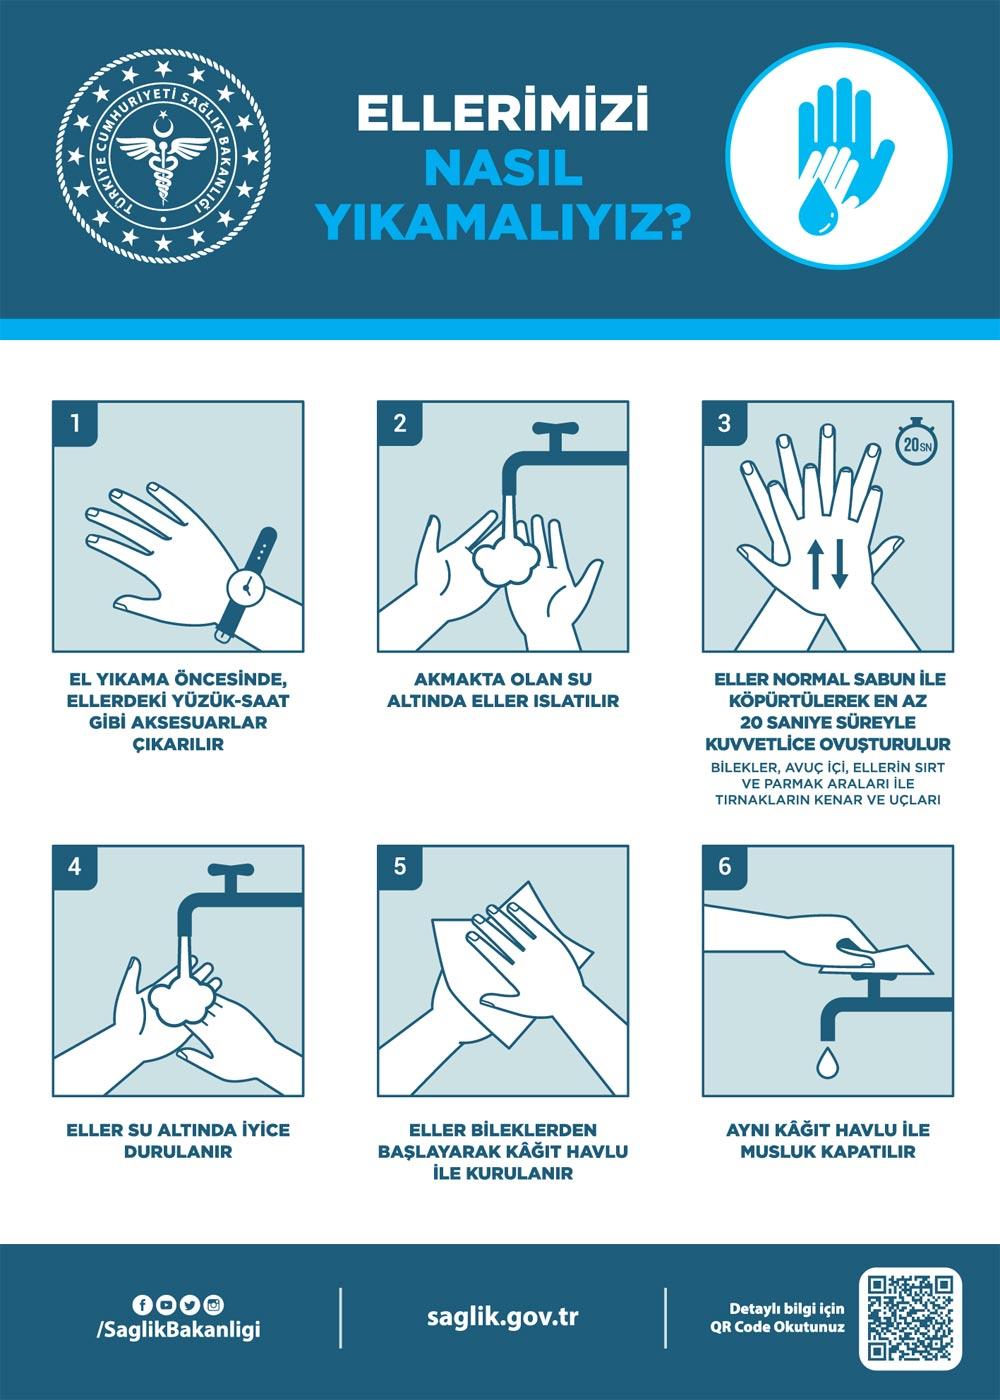 Ellerimizi Nasıl Yıkamalıyız?